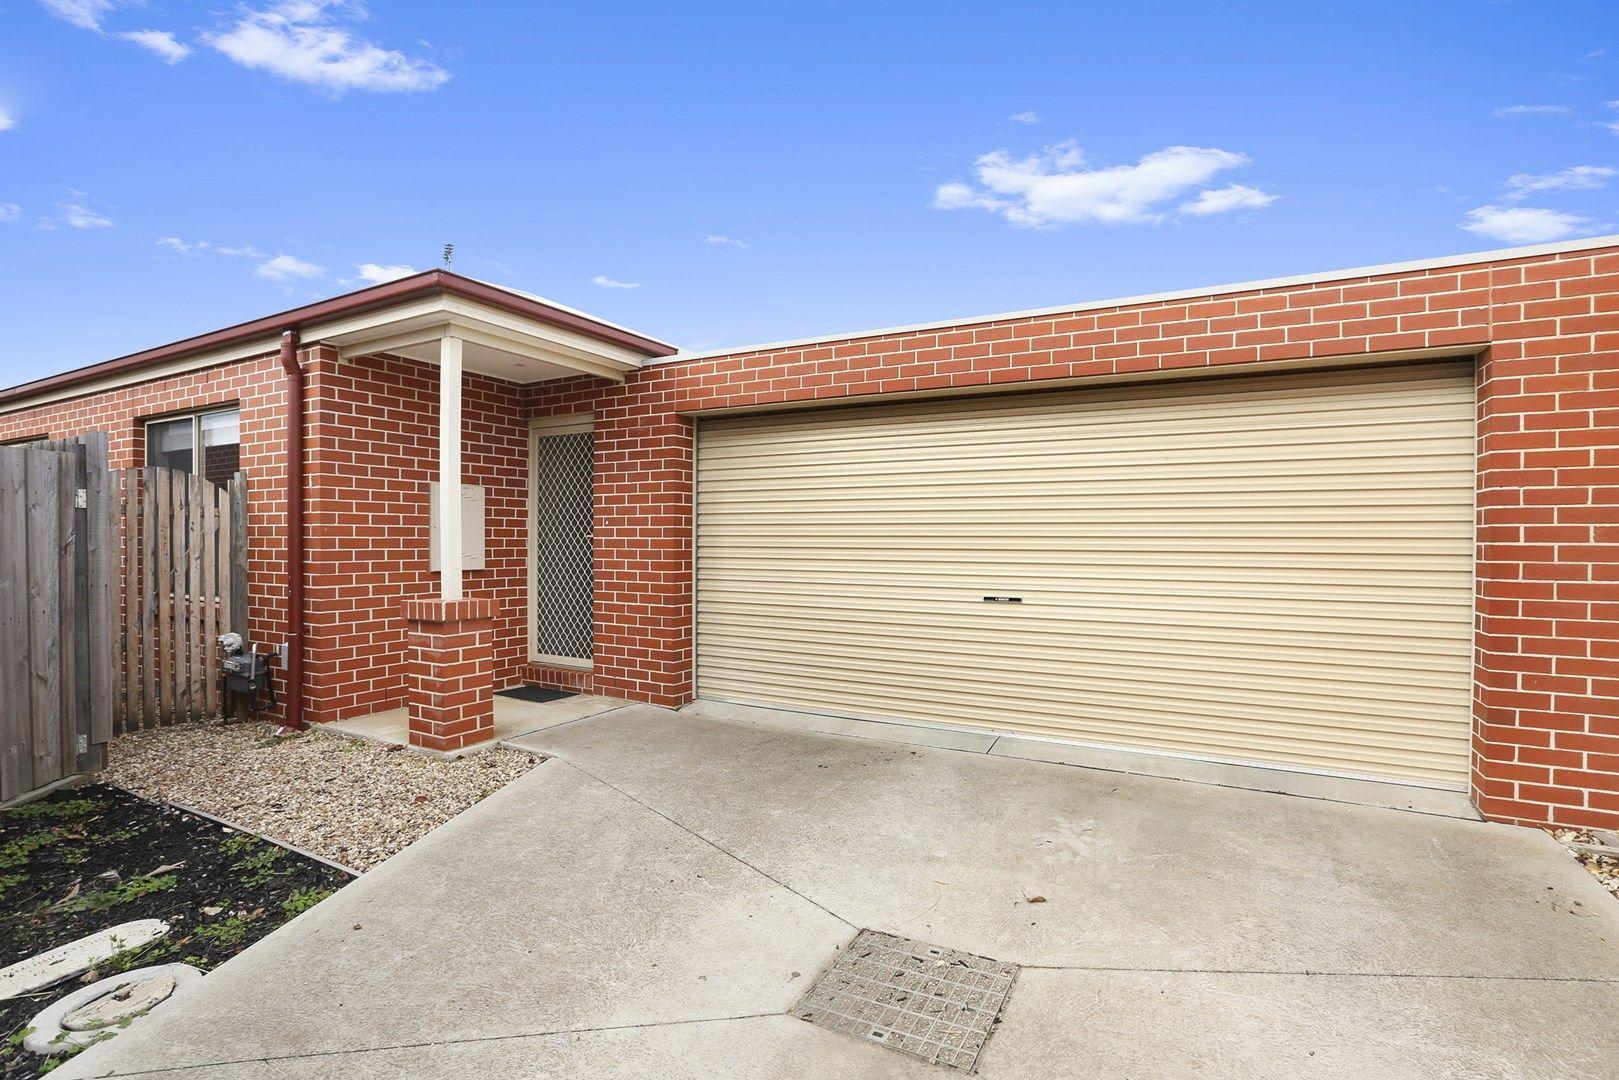 3/110 Flinders Avenue, Lara VIC 3212, Image 0